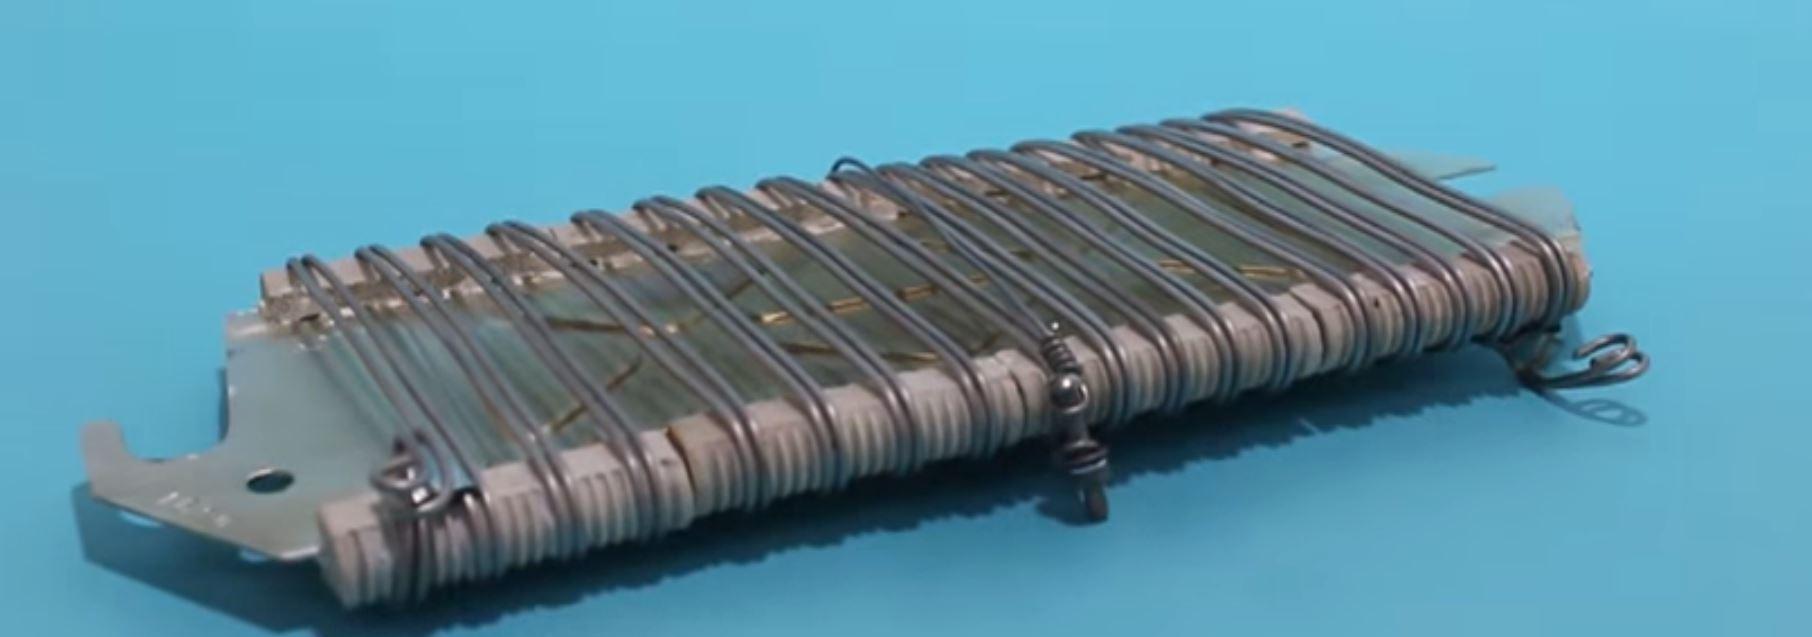 Резисторы пусковых и пускорегулирующих реостатов